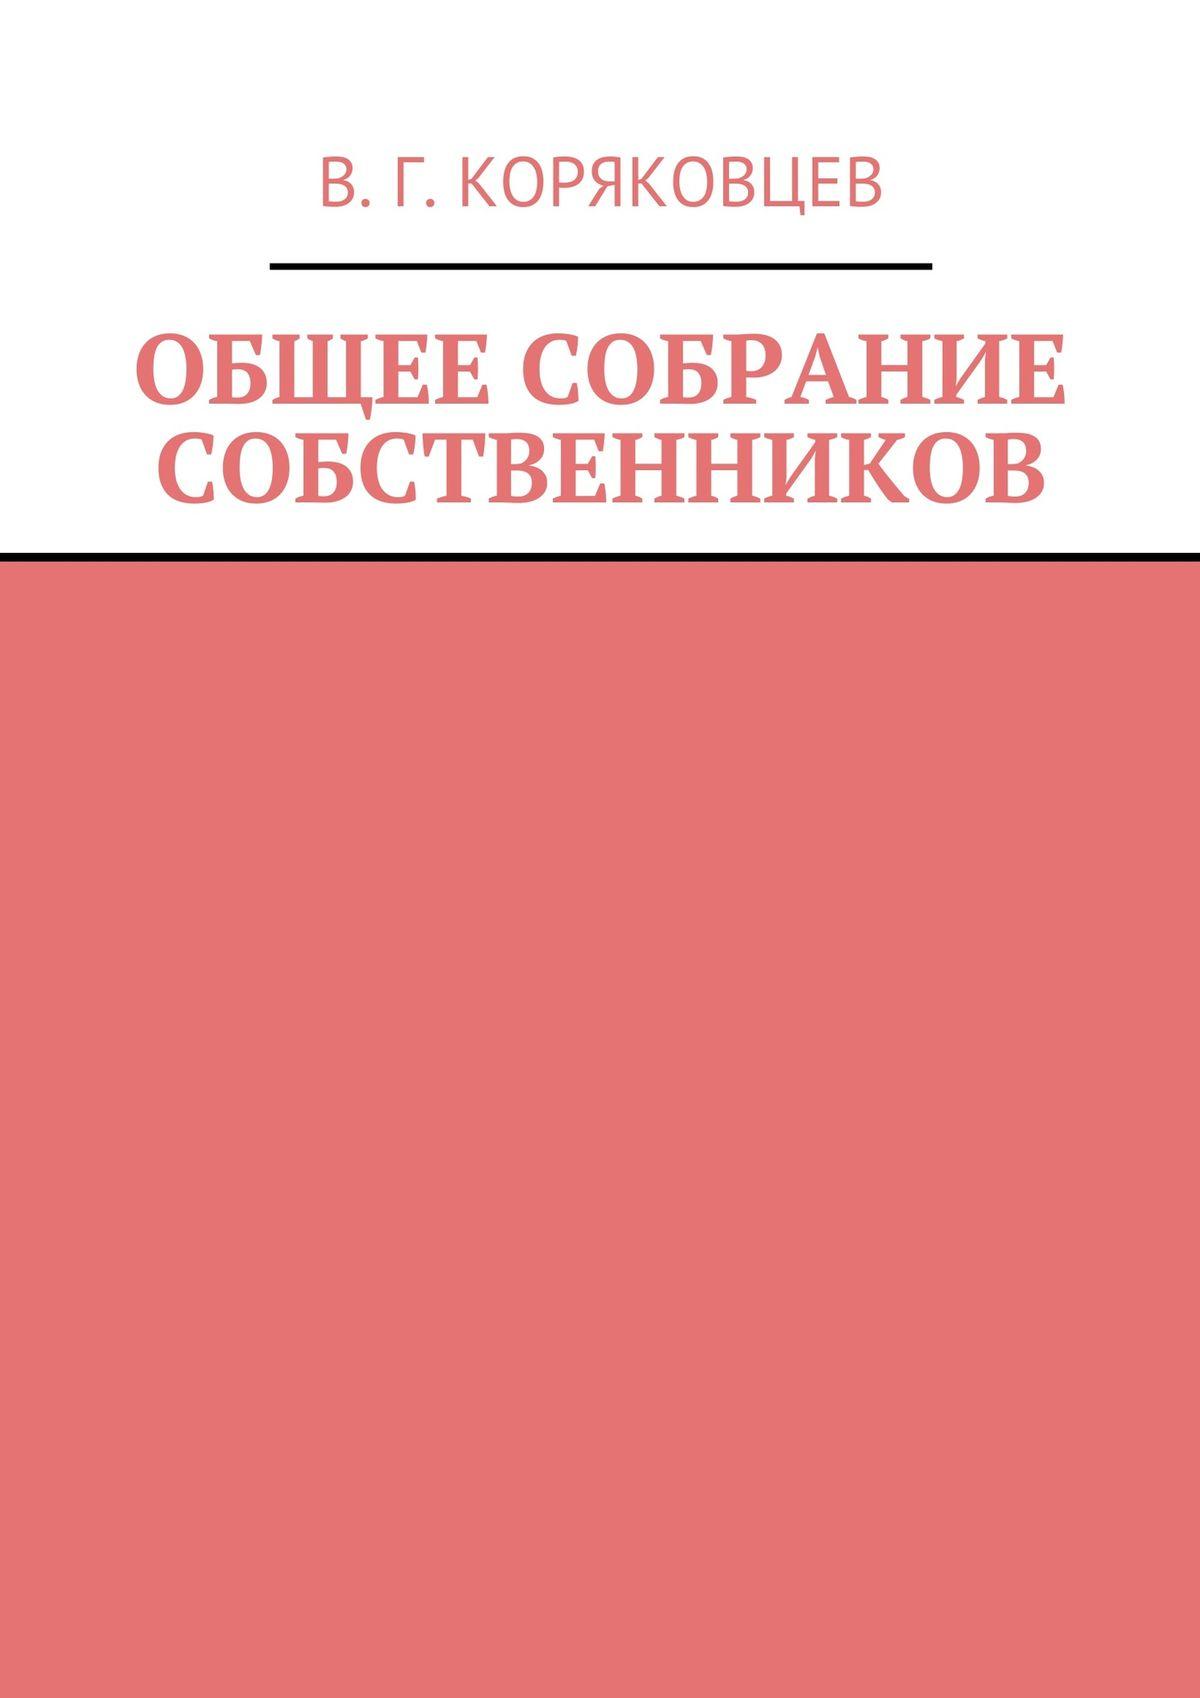 Василий Коряковцев Общее собрание собственников хэммернесс п мур м хэнк дж порядок в мыслях порядок в жизни